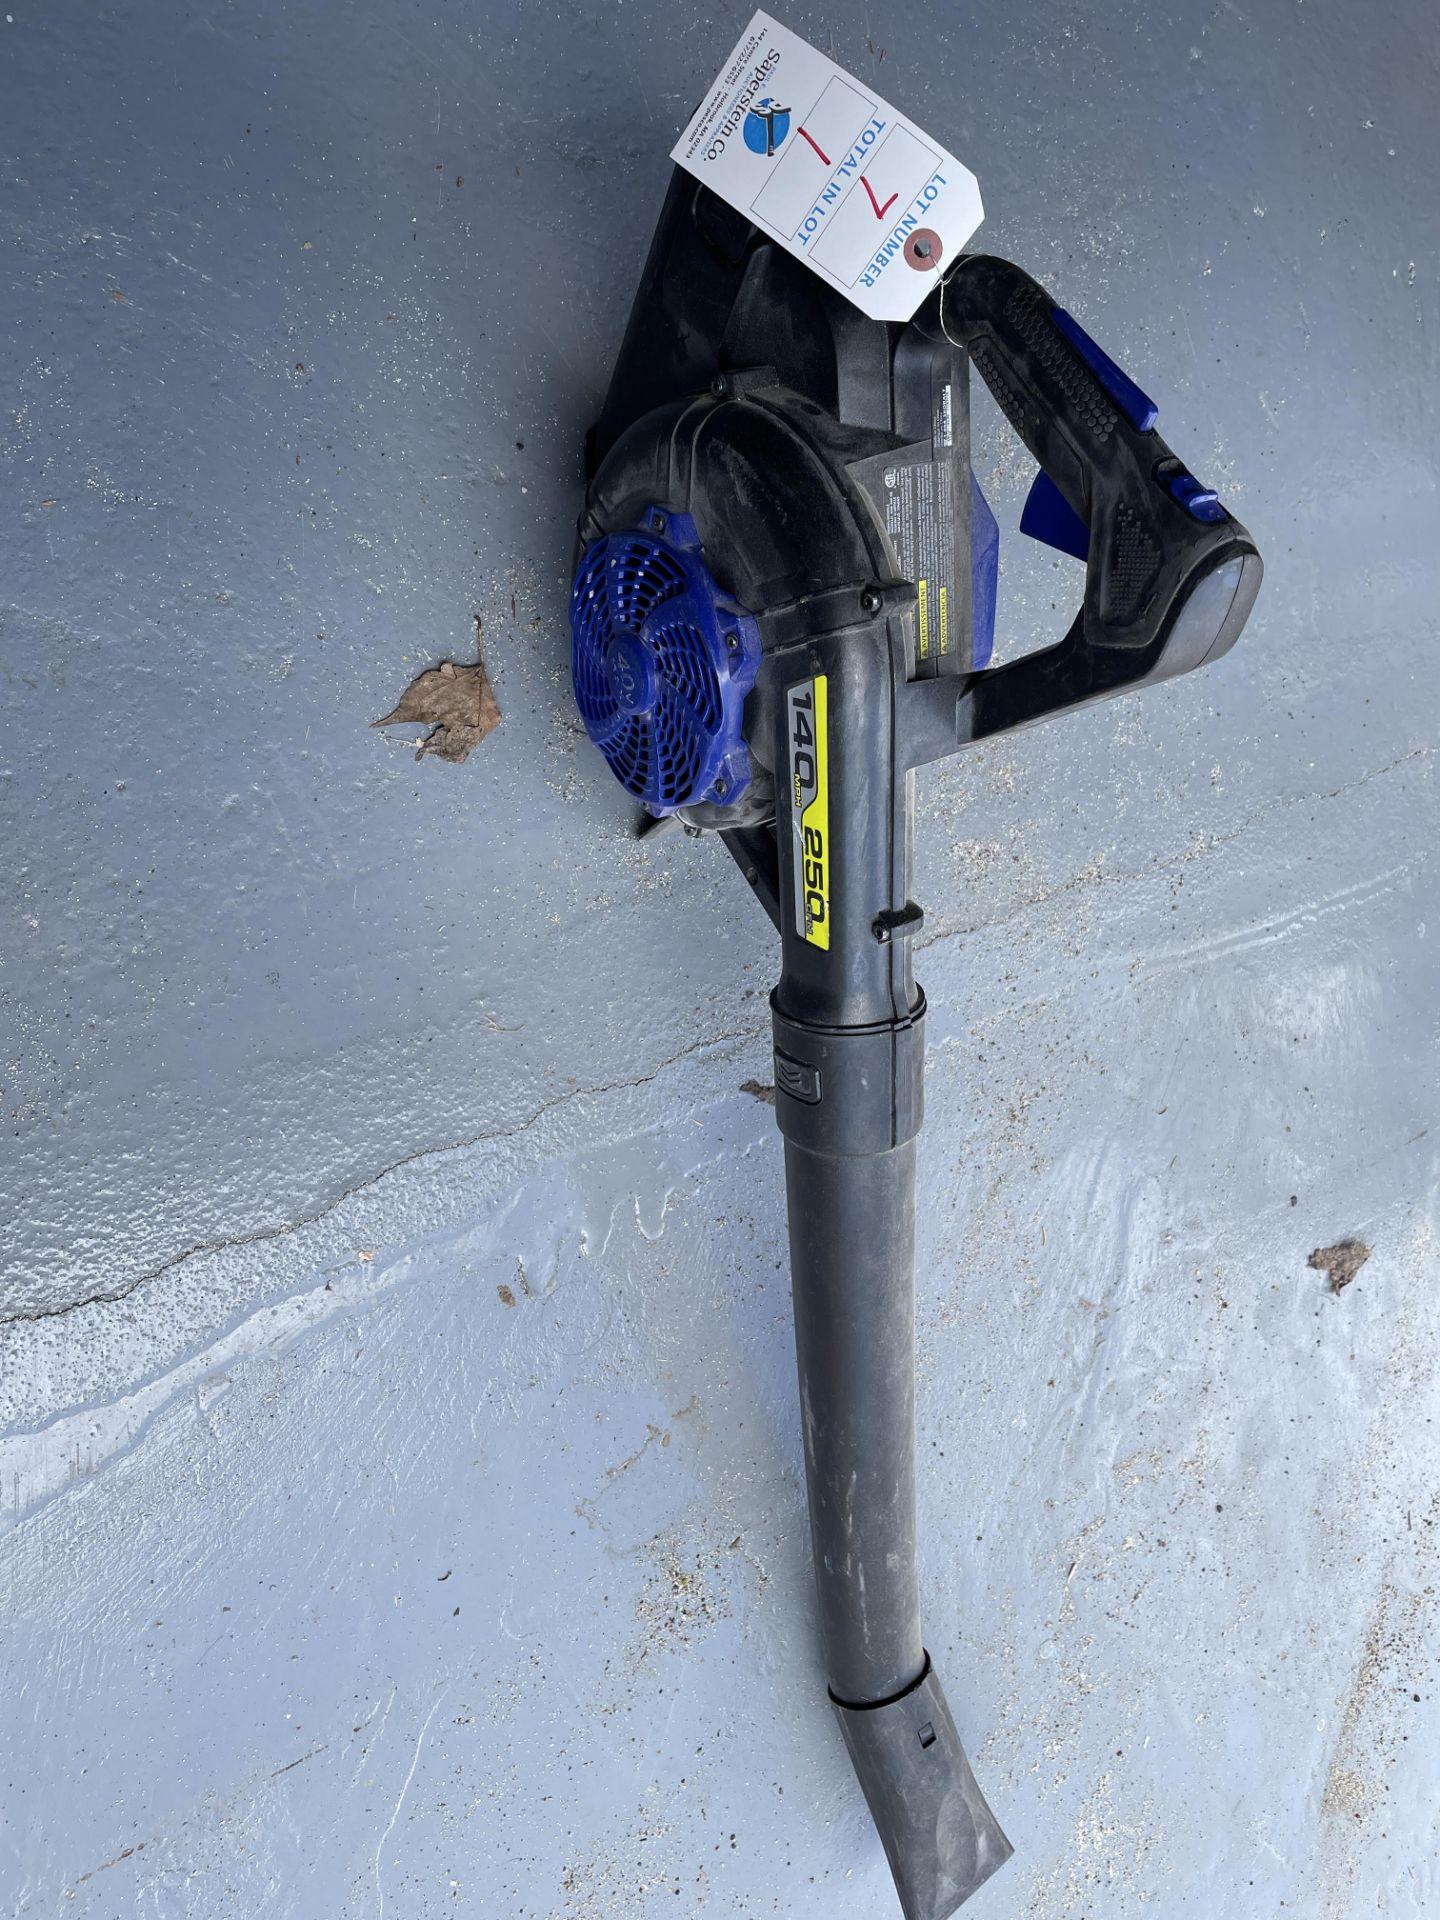 Kobalt 40V Battery Powered Leaf Blower (1 BATTERY NO CHARGER)